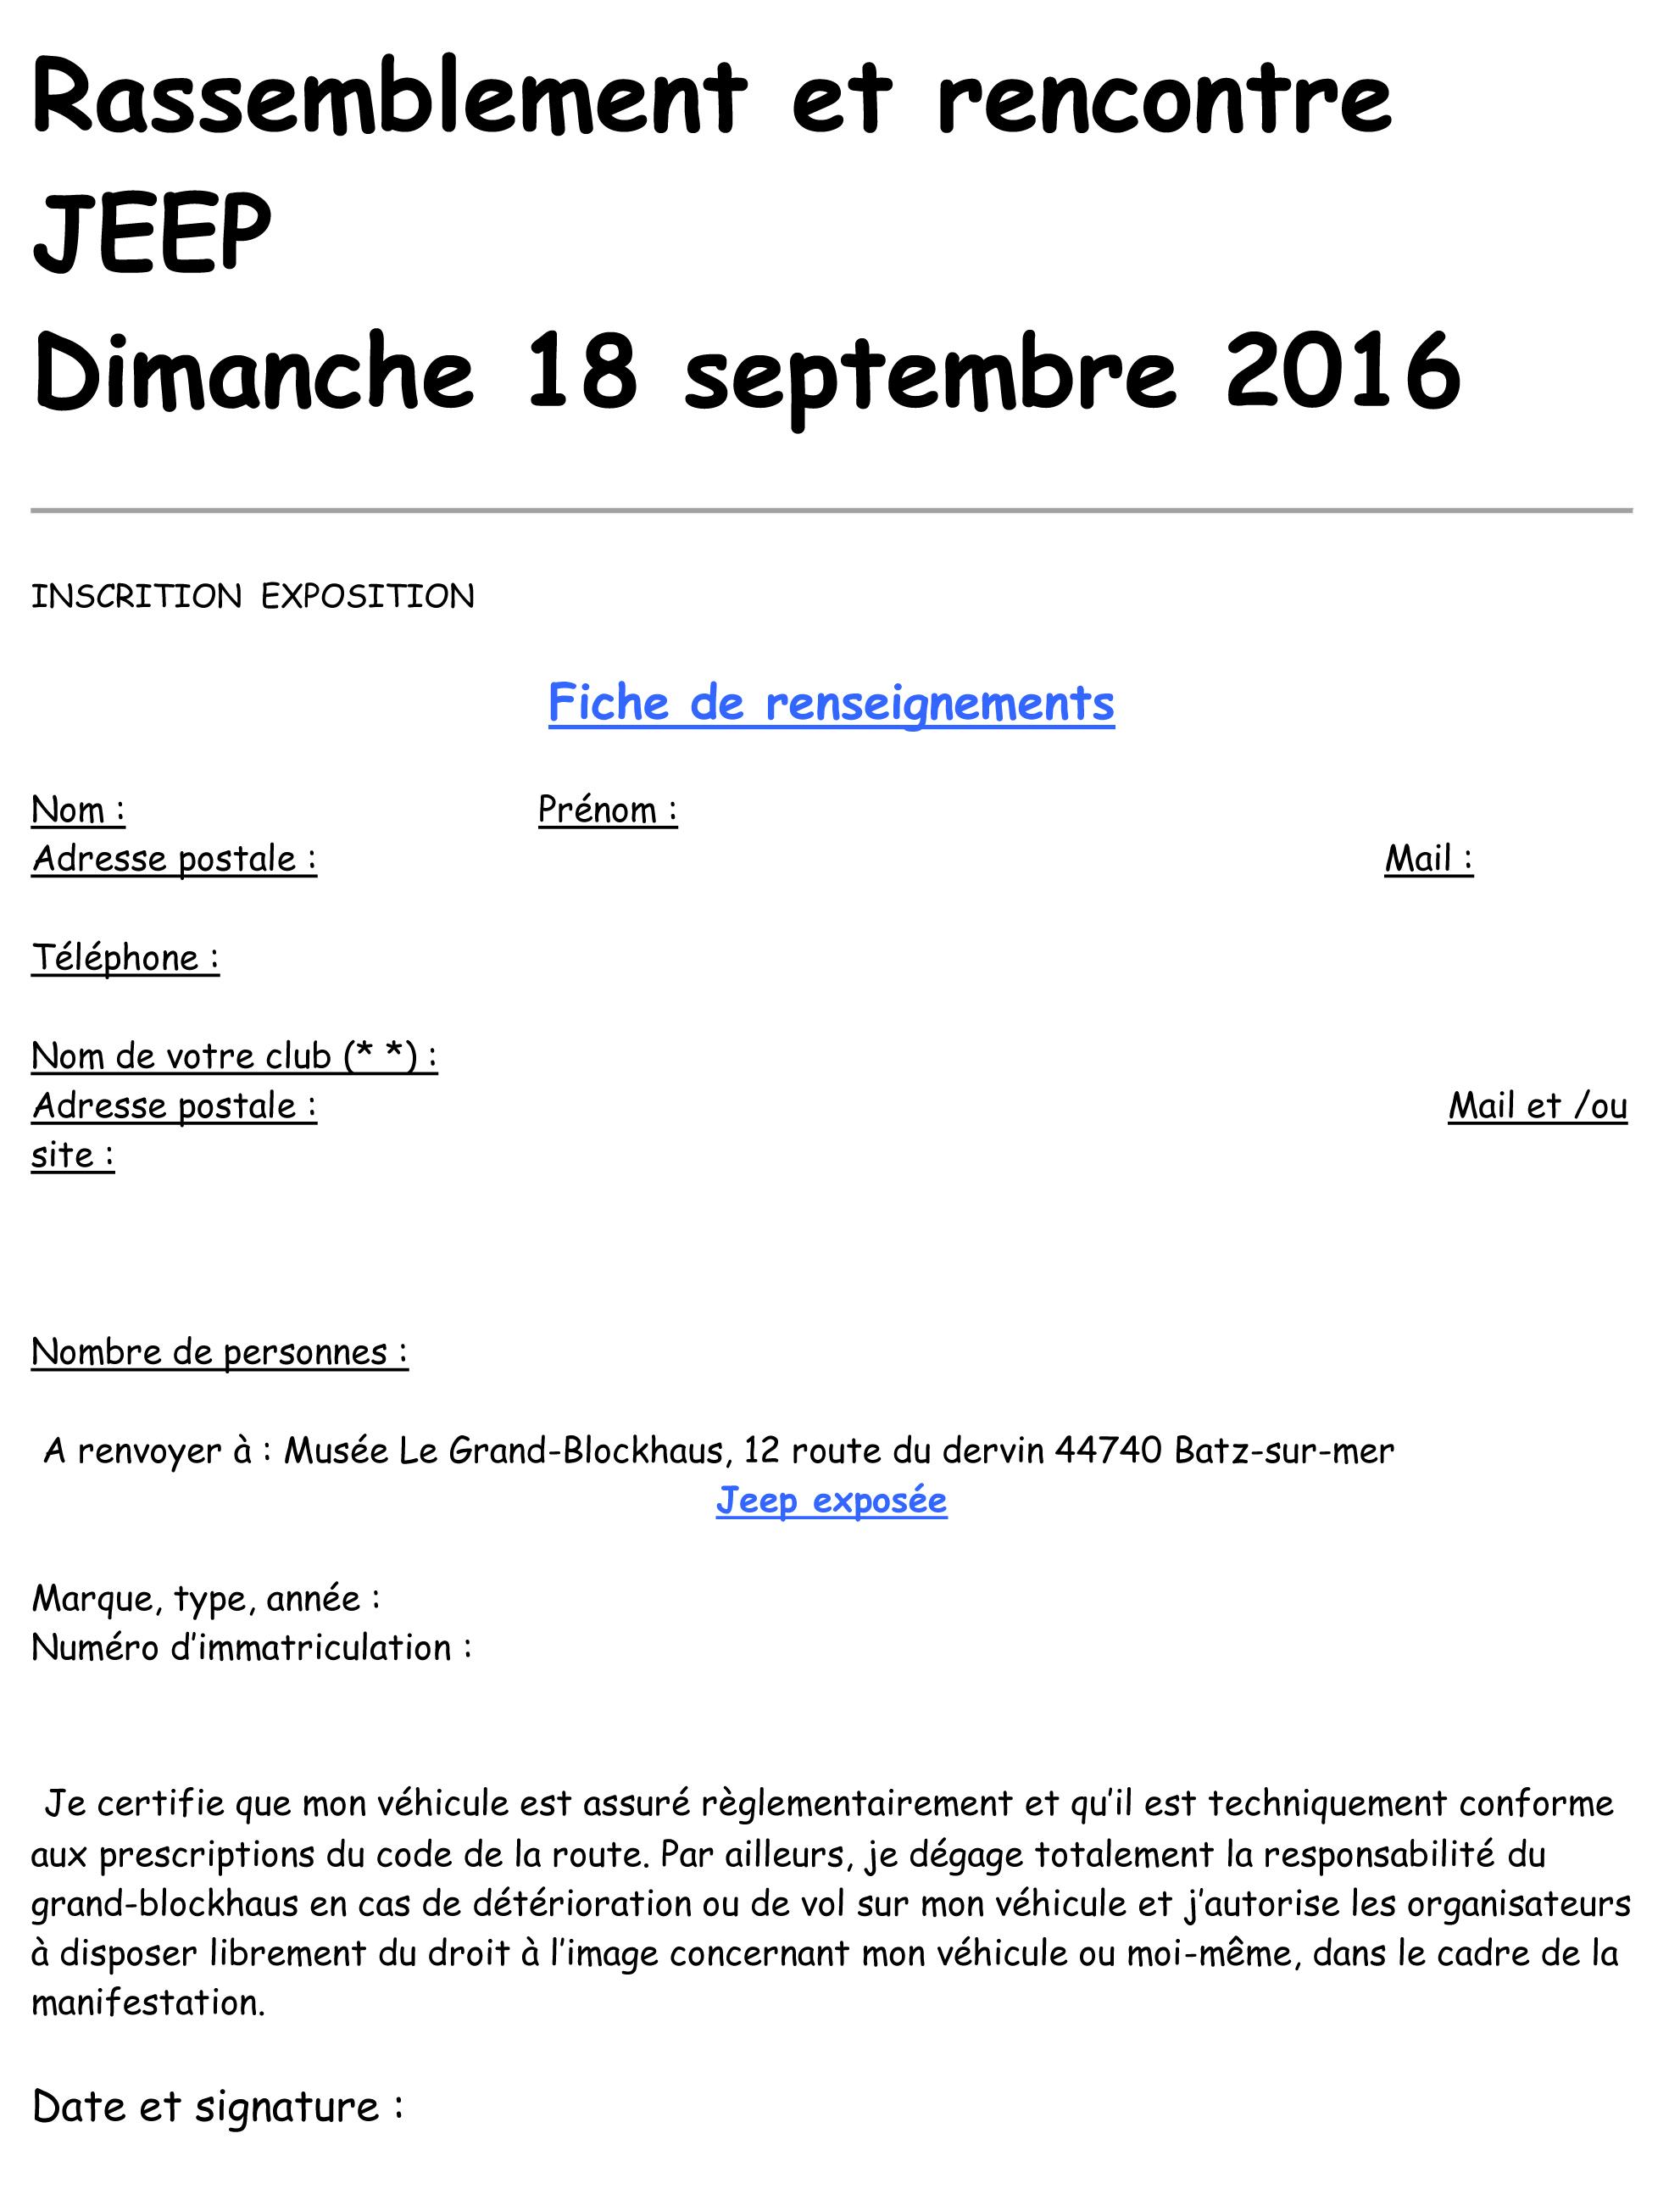 2eme rassemblement Jeep Anciennes le dimanche 18 septembre à Batz sur mer (dépt: 44) ...